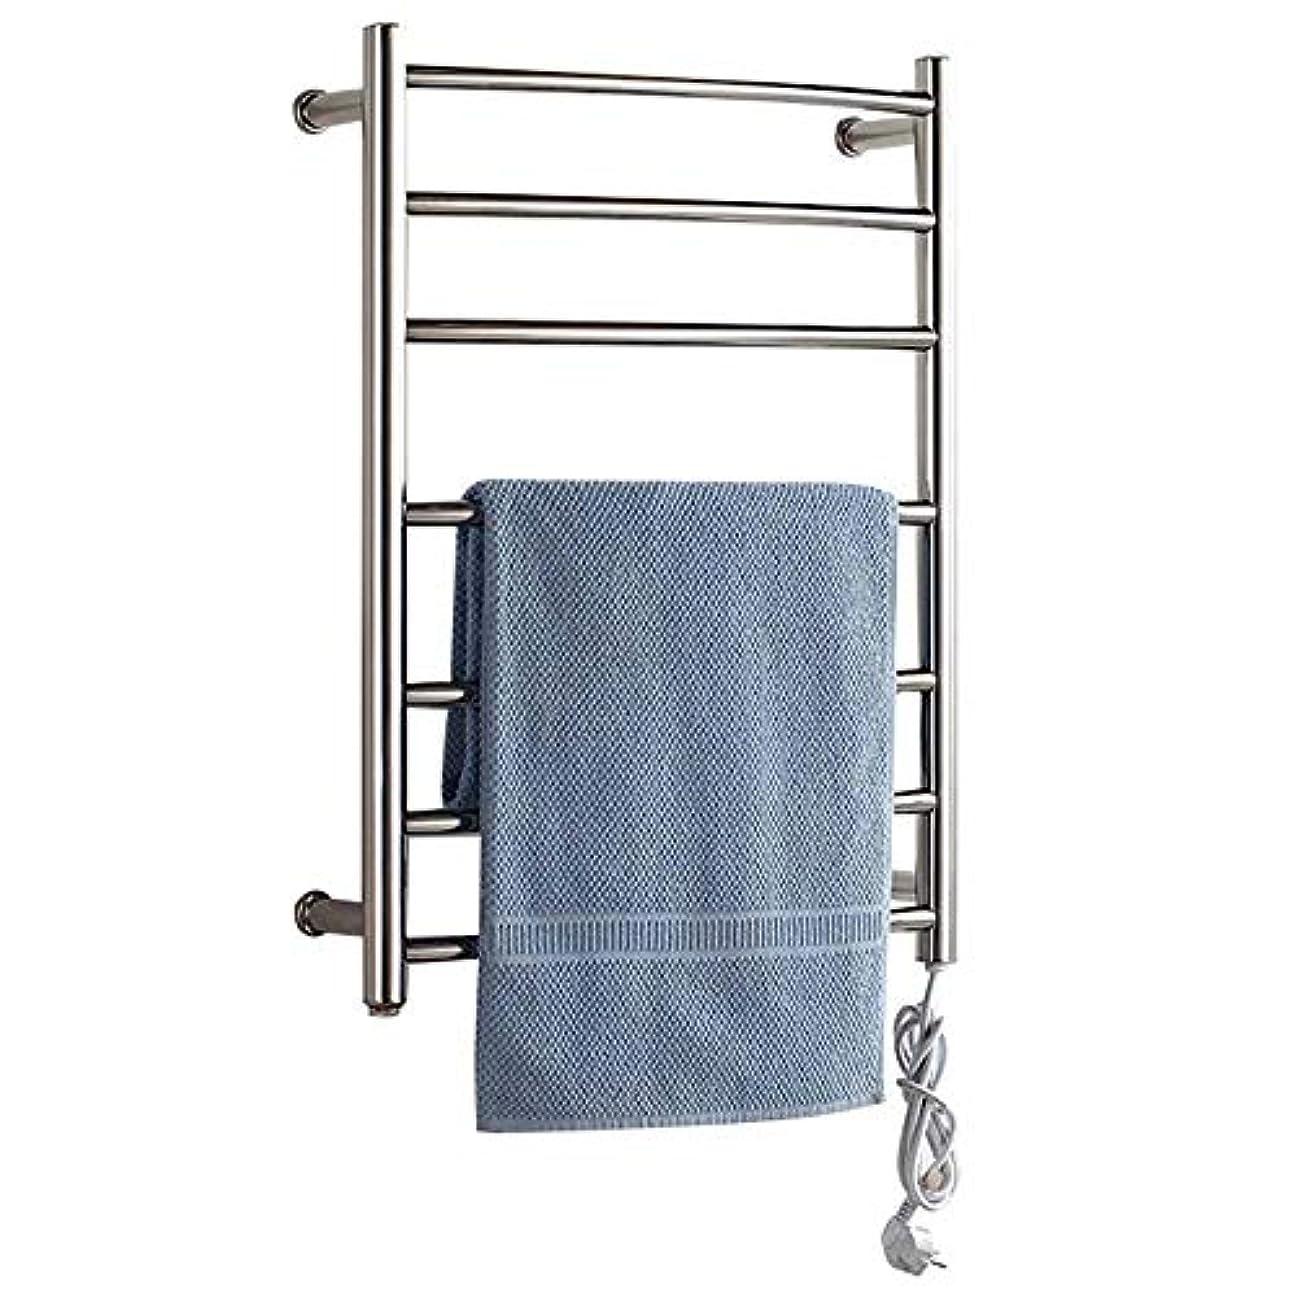 赤道ポケット線壁掛け式電気タオルウォーマー、加熱タオルラック浴室ラジエーター、浴室乾燥ラック、304ステンレス鋼、恒温乾燥、防水および防錆700 * 520 * 125mm